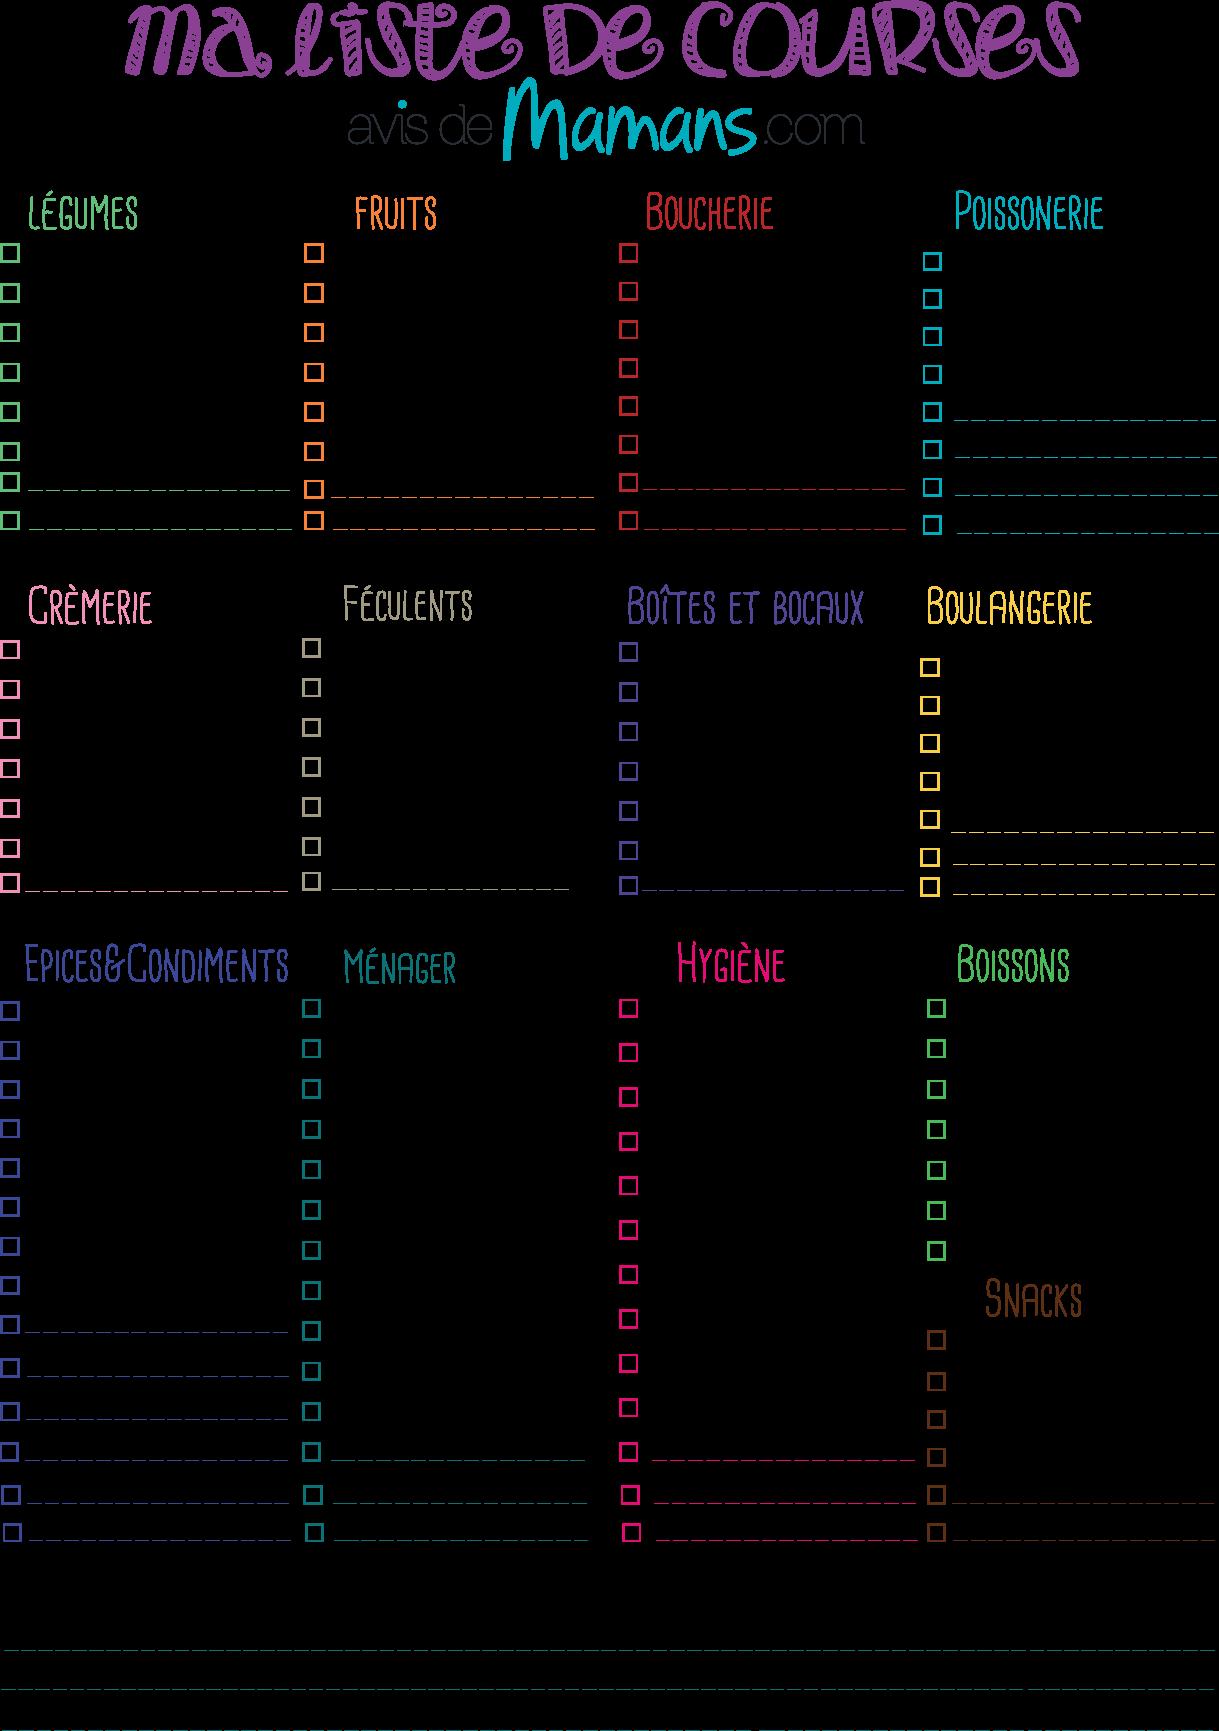 image de la liste